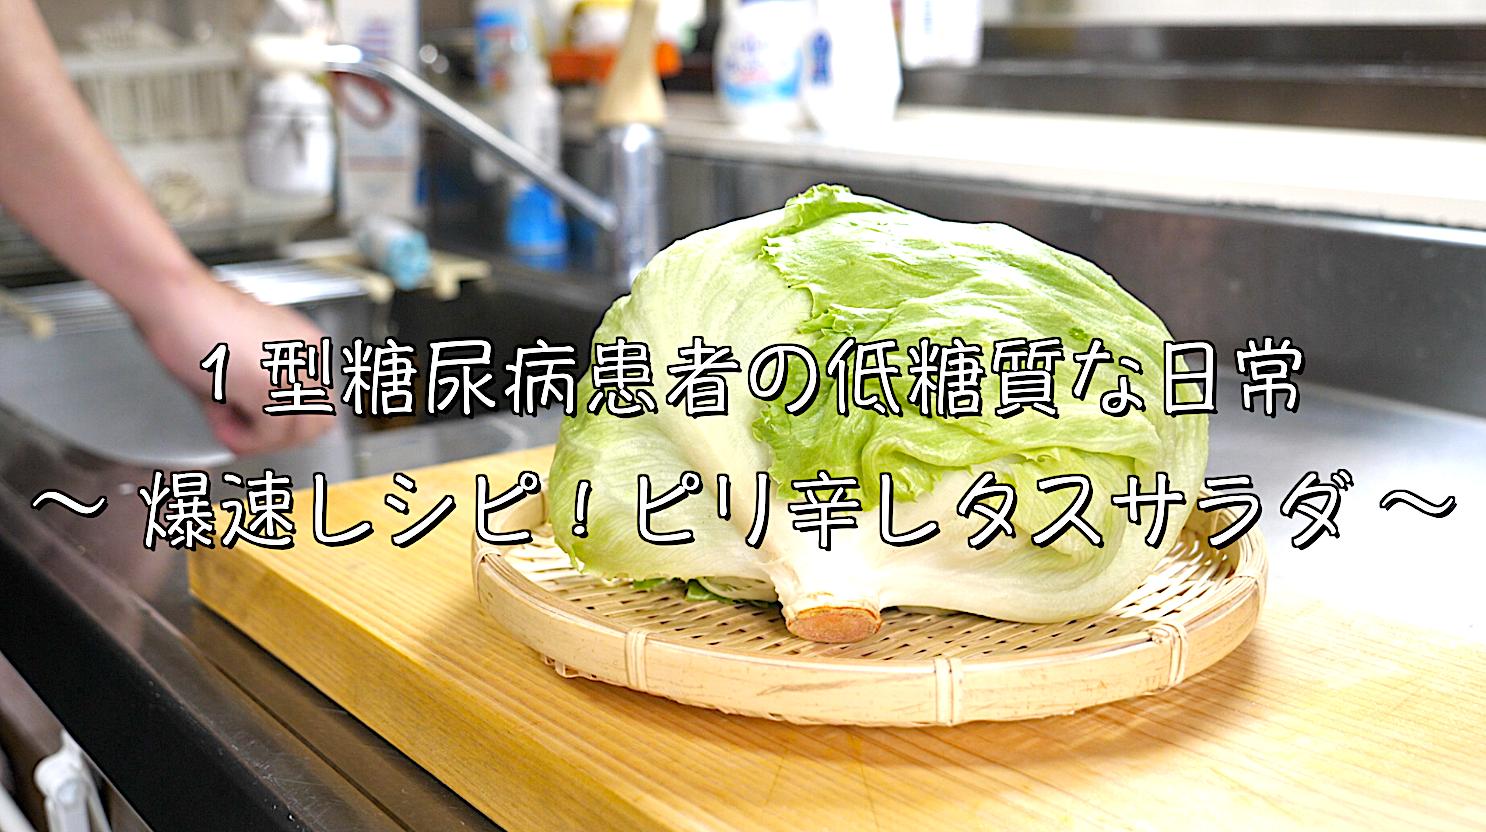 レタス 韓国風 チョレギ サラダ レシピ